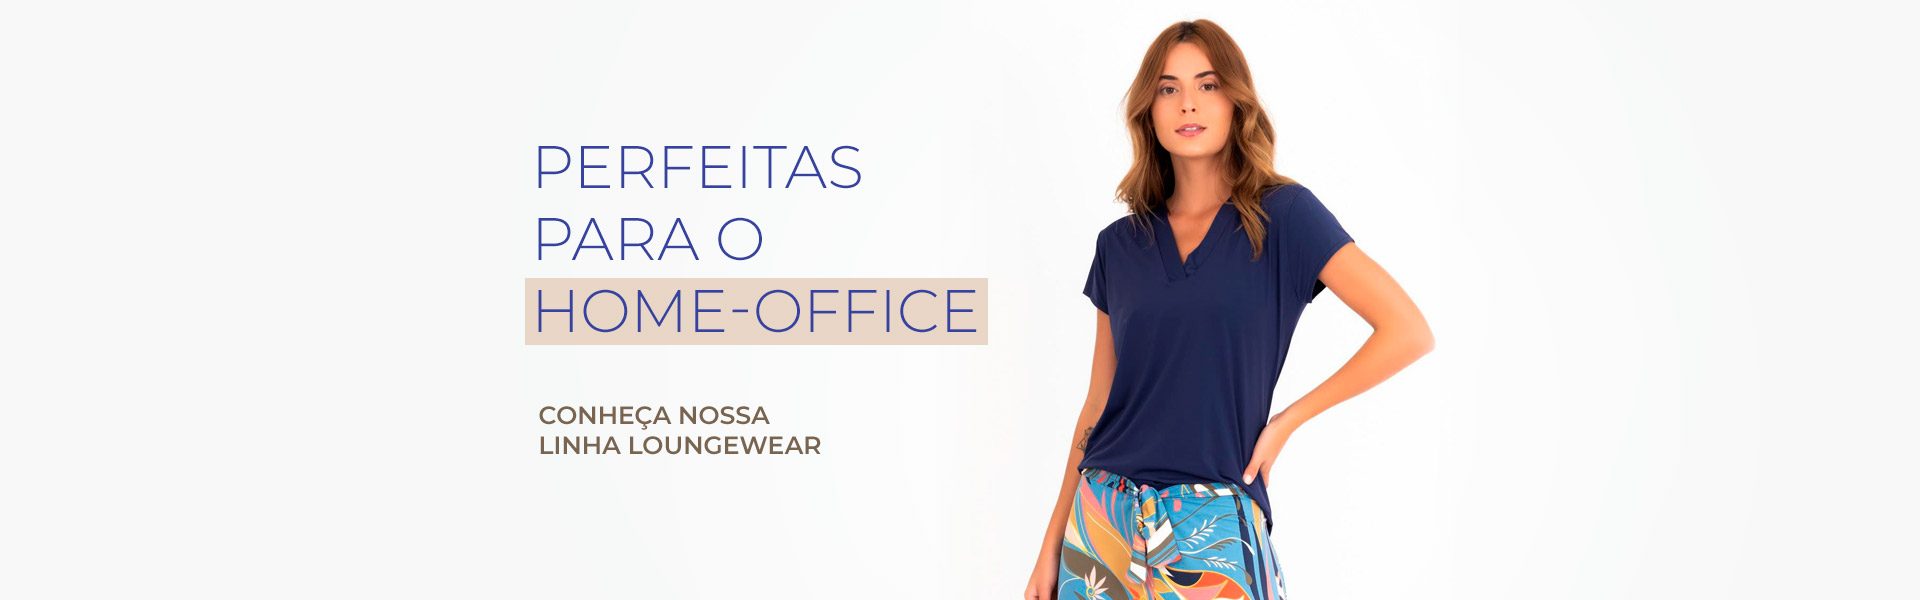 Conheça o conforto de nossa linha Loungewear, com peças perfeitas para o home office